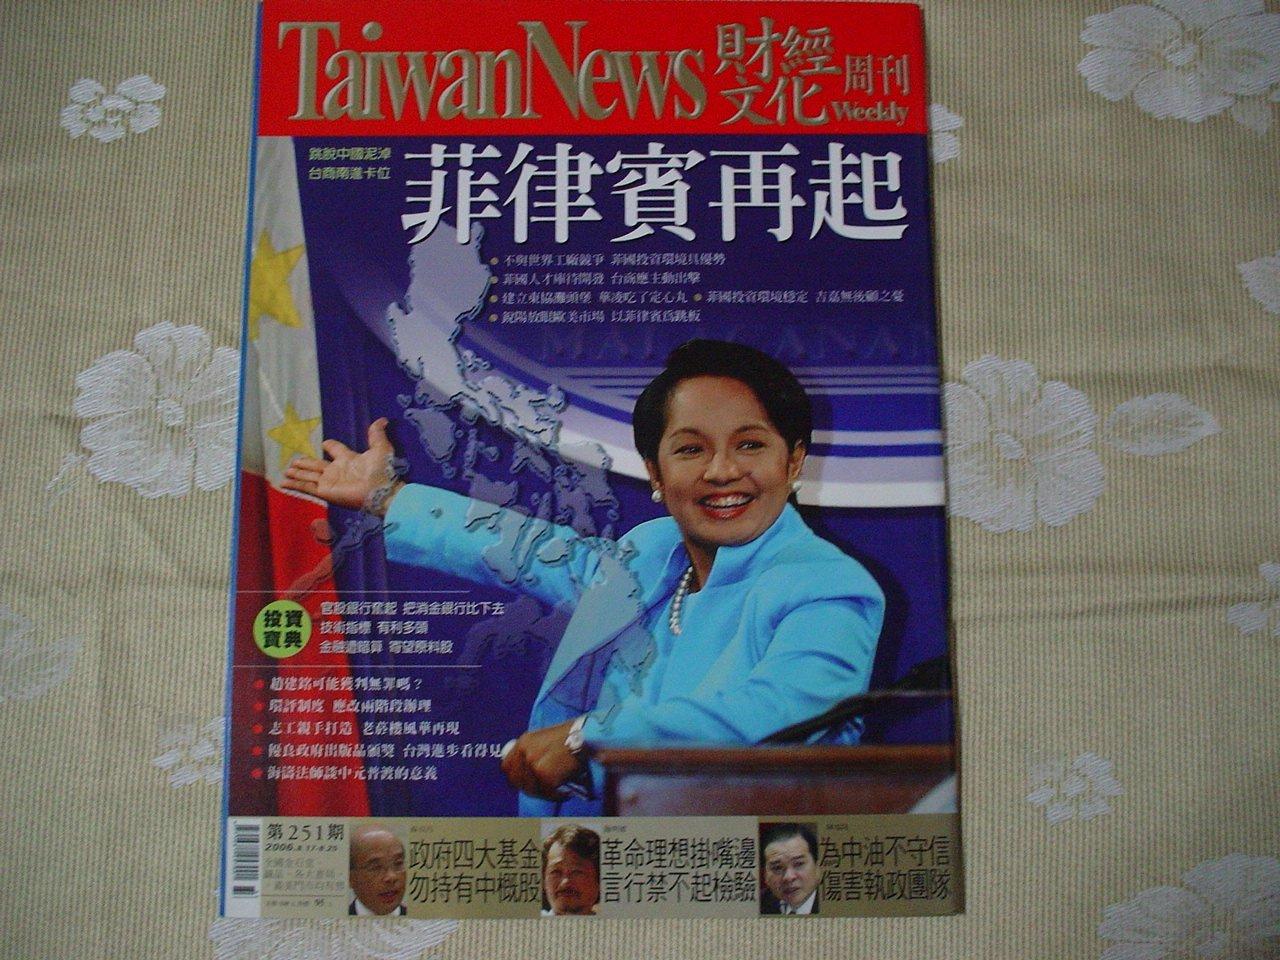 財經文化周刊 第251期 2006年8月17日 《菲律賓再起》 書況為實品拍攝,無標記,如新(如圖)【M10.39】